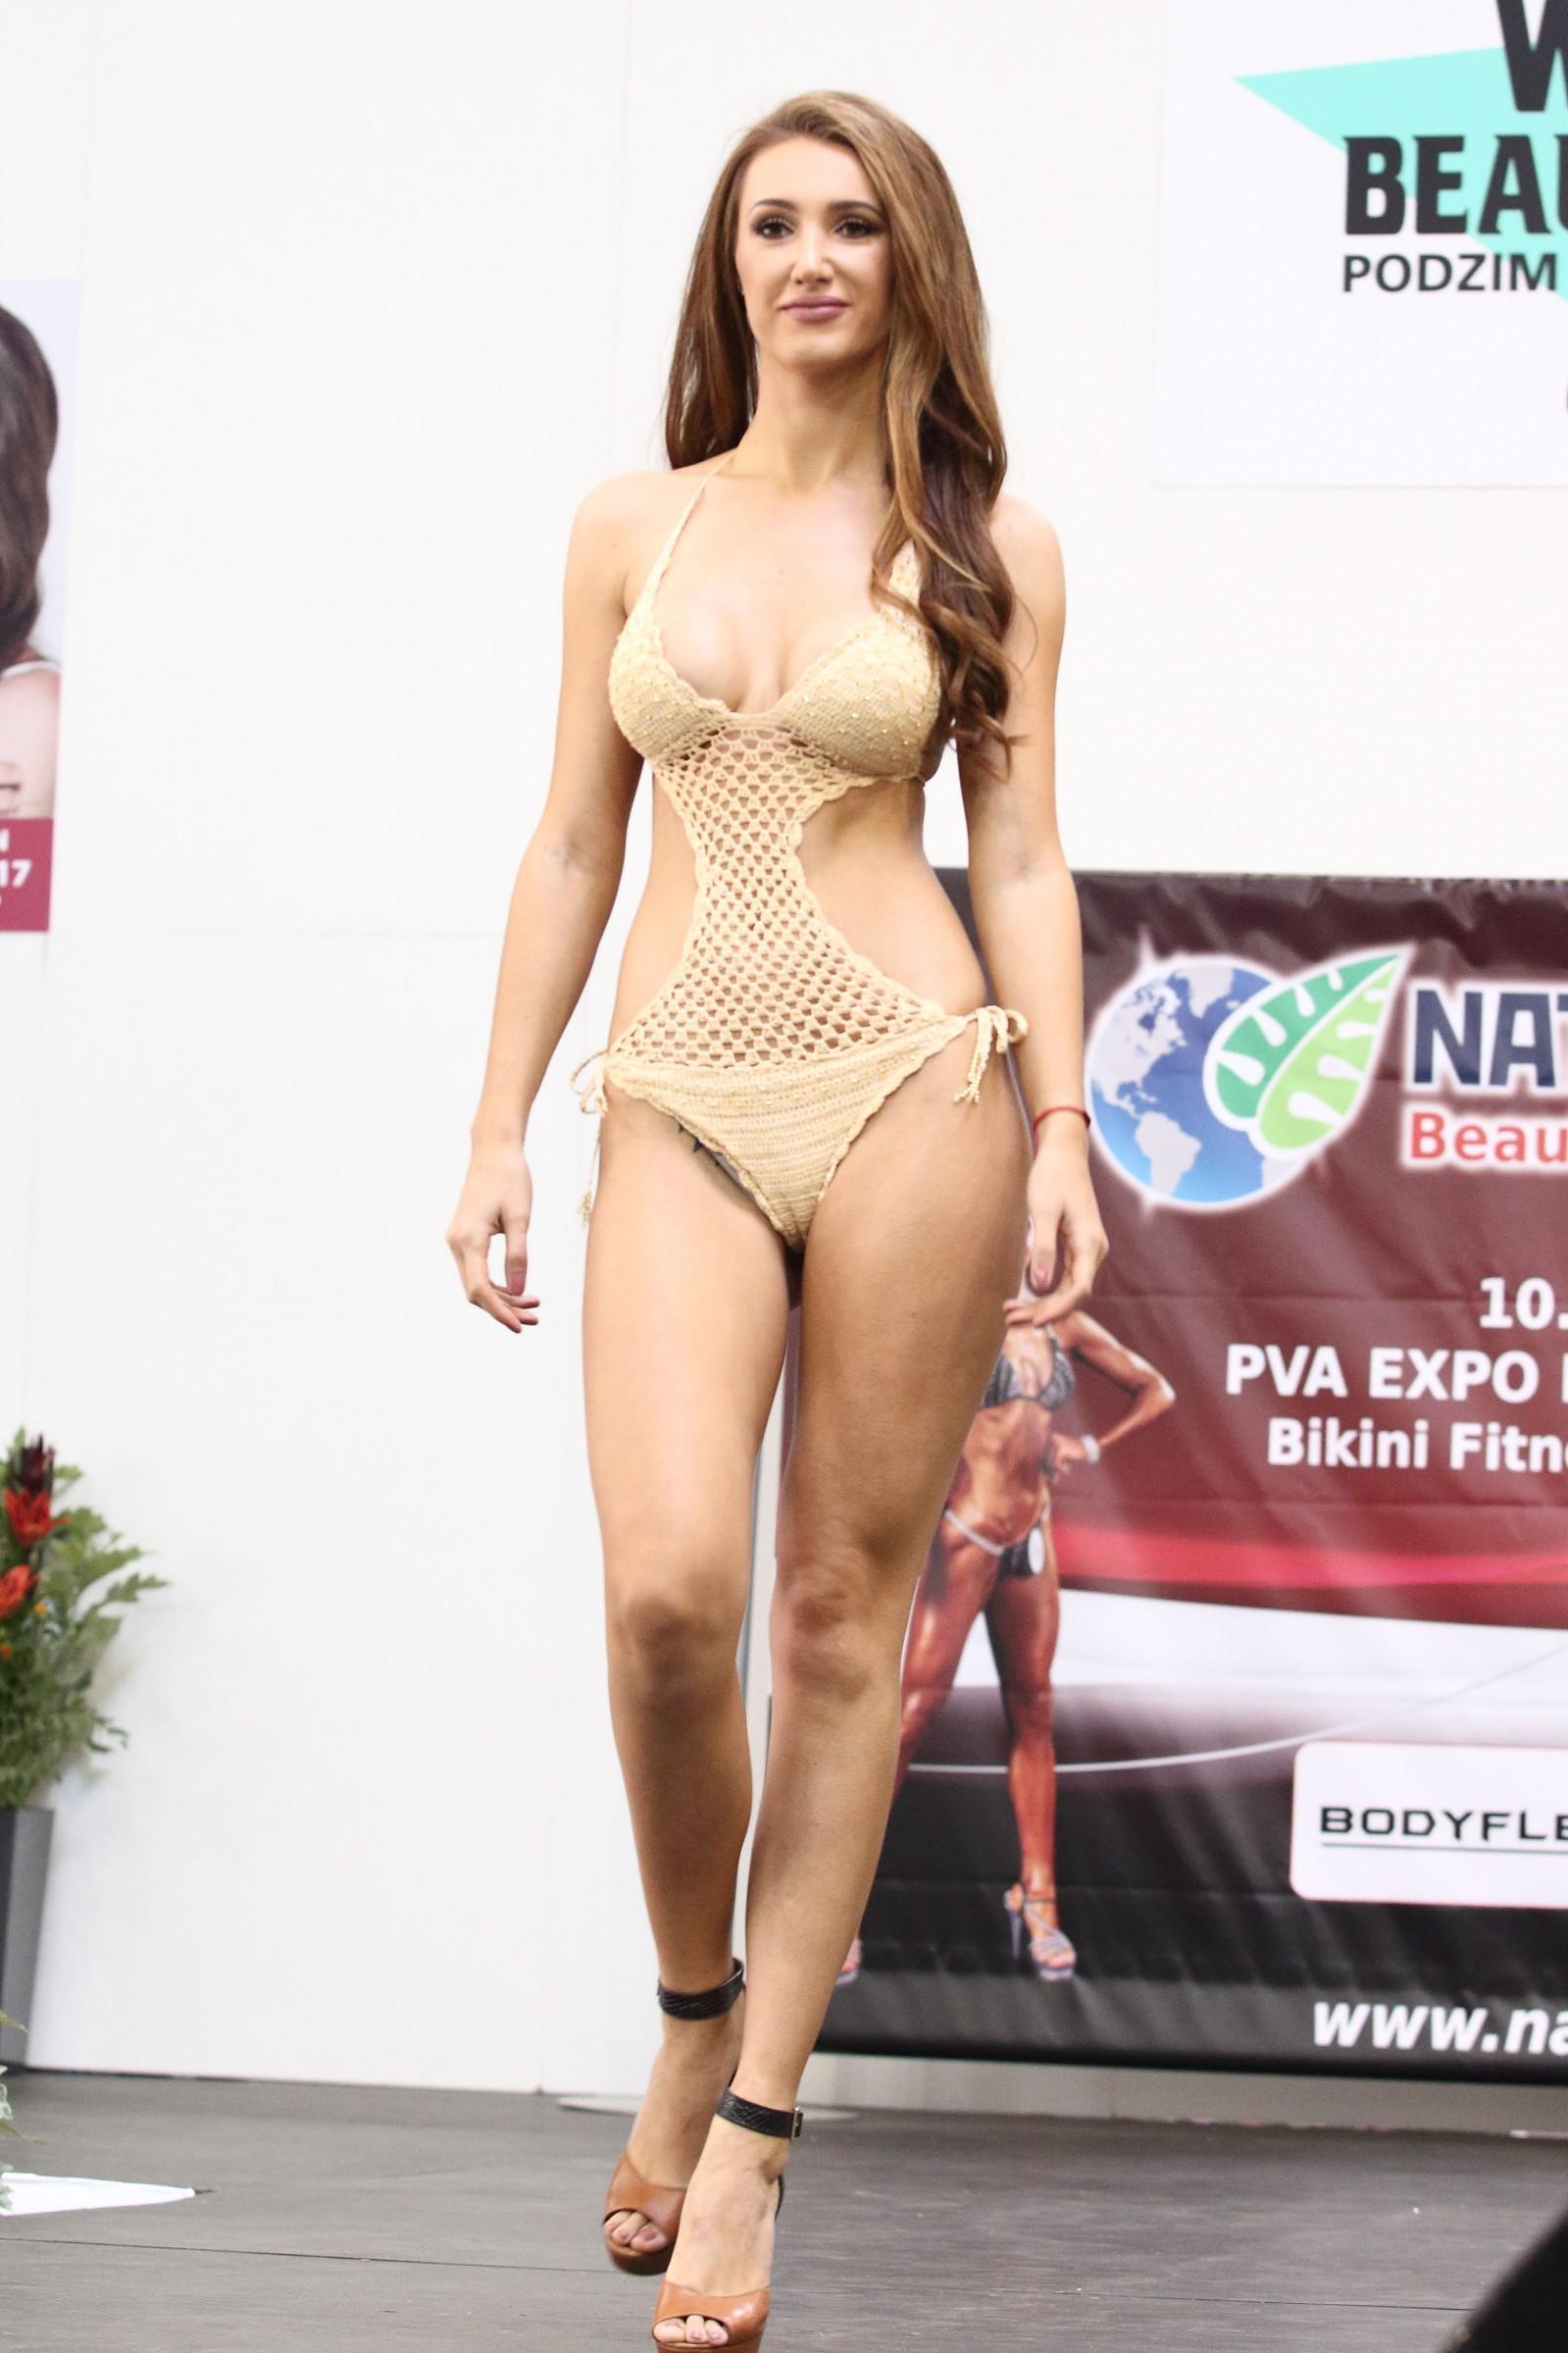 Feet Anna Makarenko nude (69 photos), Topless, Paparazzi, Boobs, swimsuit 2018